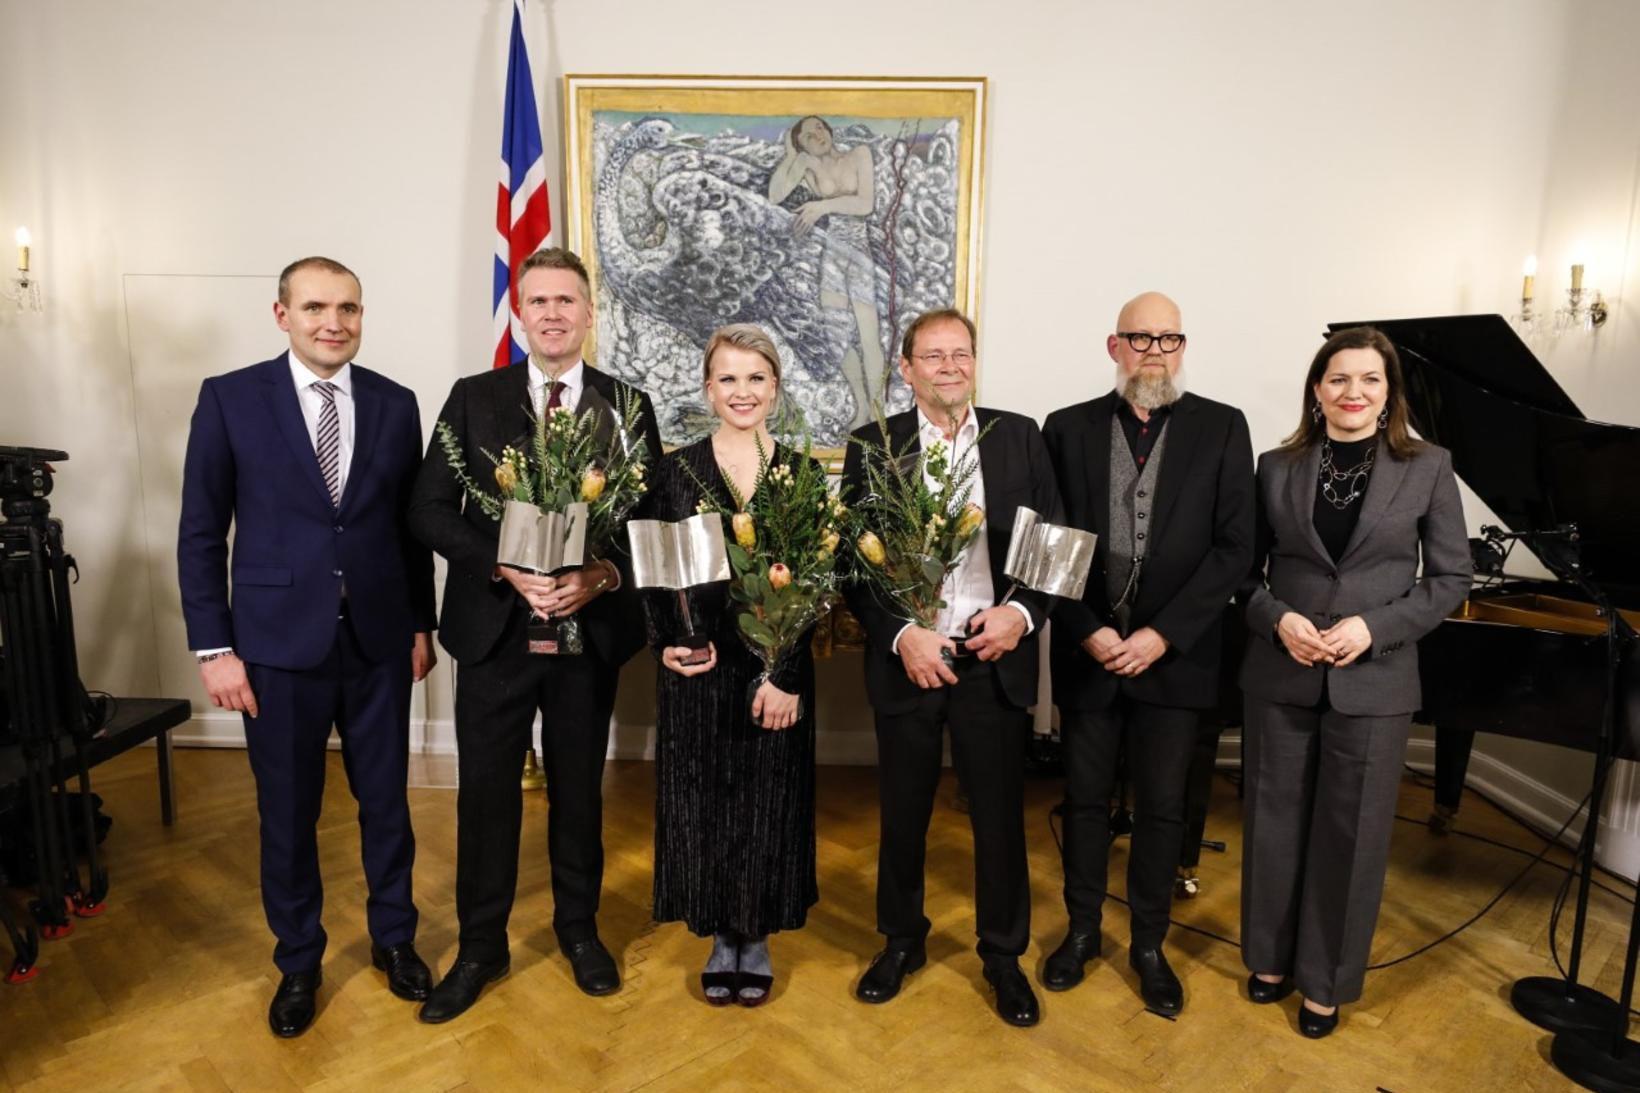 Guðni Th. Jóhannesson, Eliza Reid forsetafrú og Heiðar Ingi Svansson, …